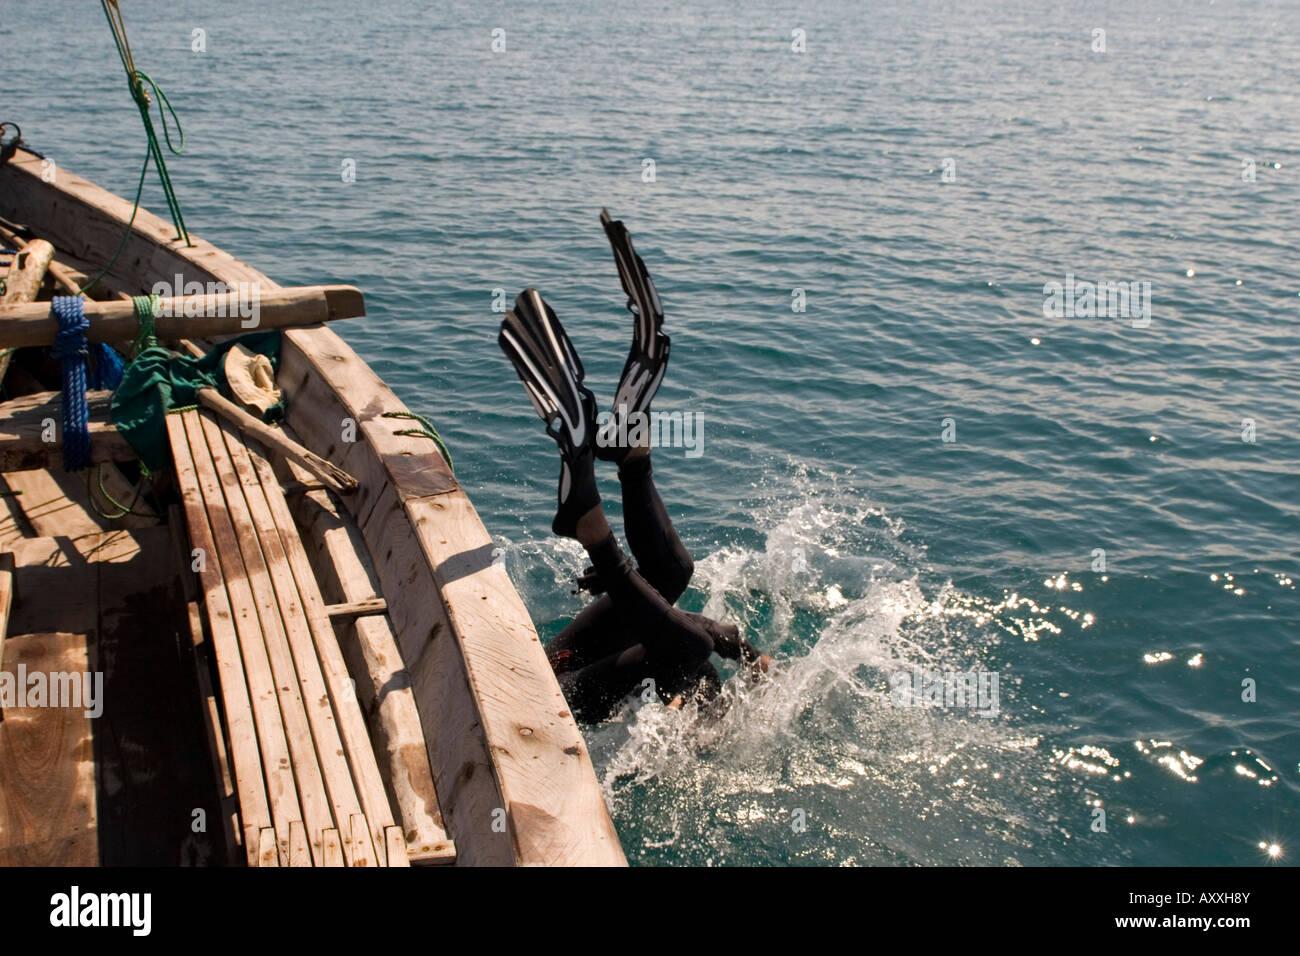 Scuba diver entering water in Chole Bay off Mafia Island Tanzania - Stock Image